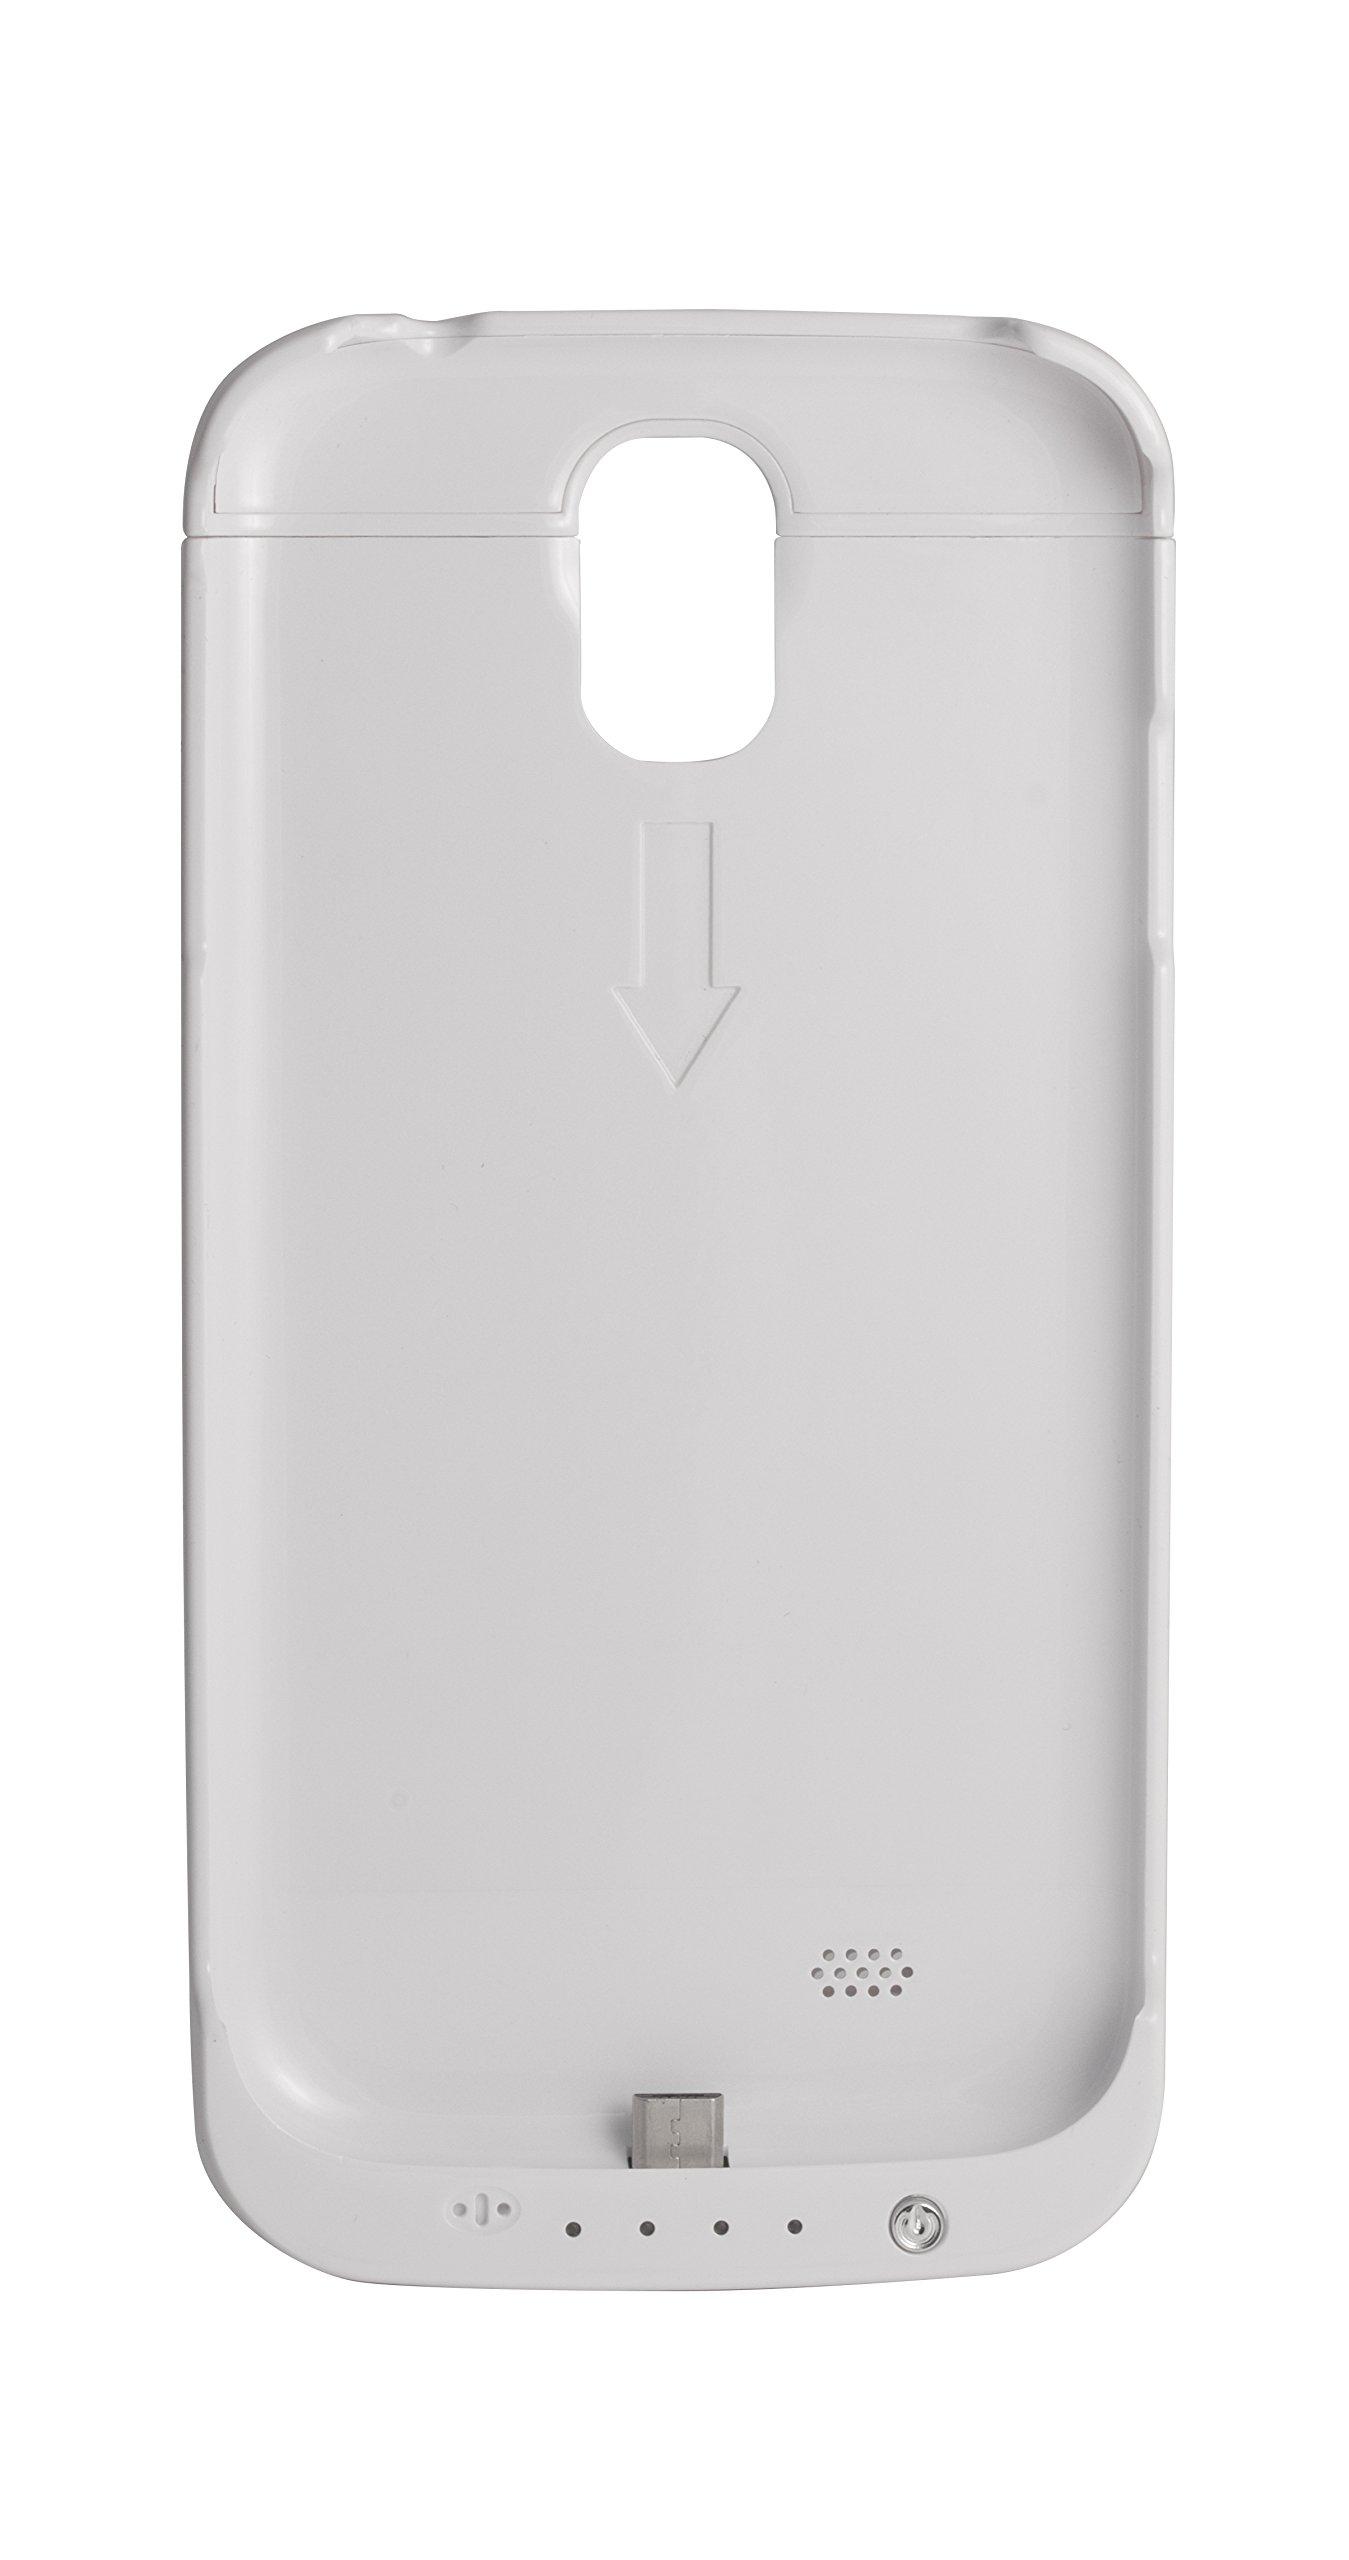 Funda Con Bateria De 2500mah Para Samsung Galaxy S4 At&t [0lxfudps]